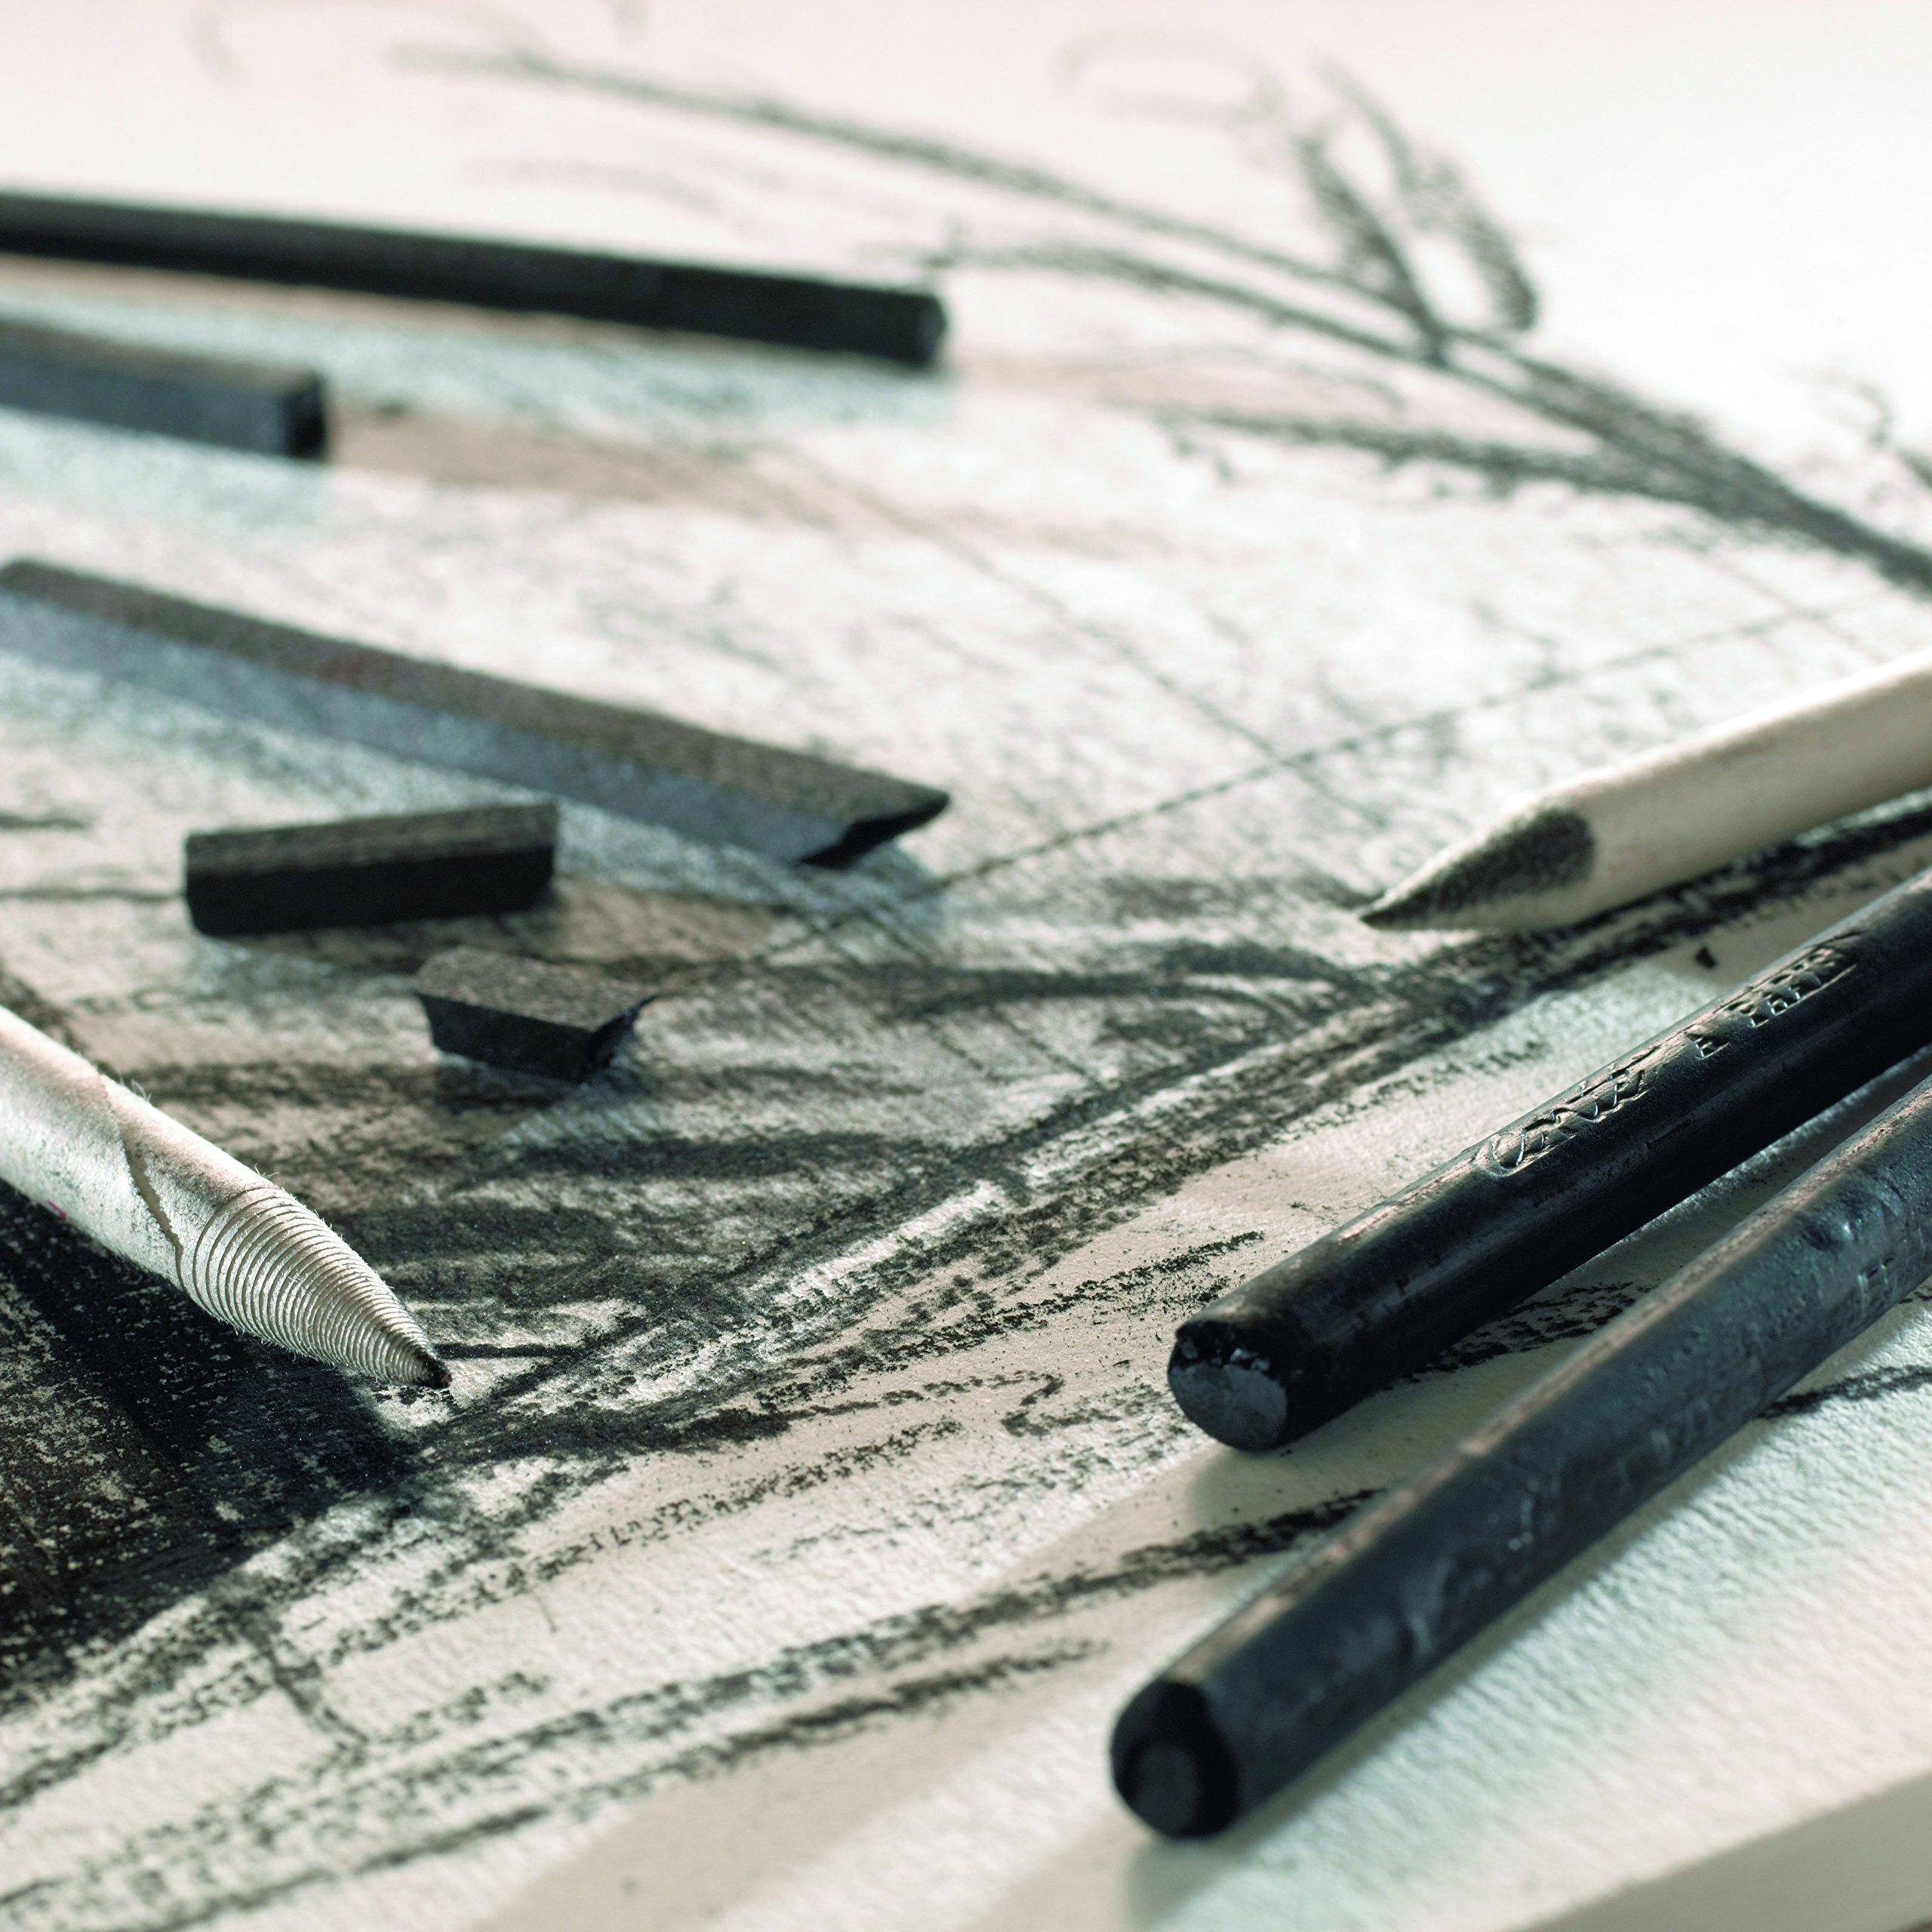 Conté à Paris 12 Count 2B Sketching Crayons Set, Black by Cont Ë Paris (Image #2)